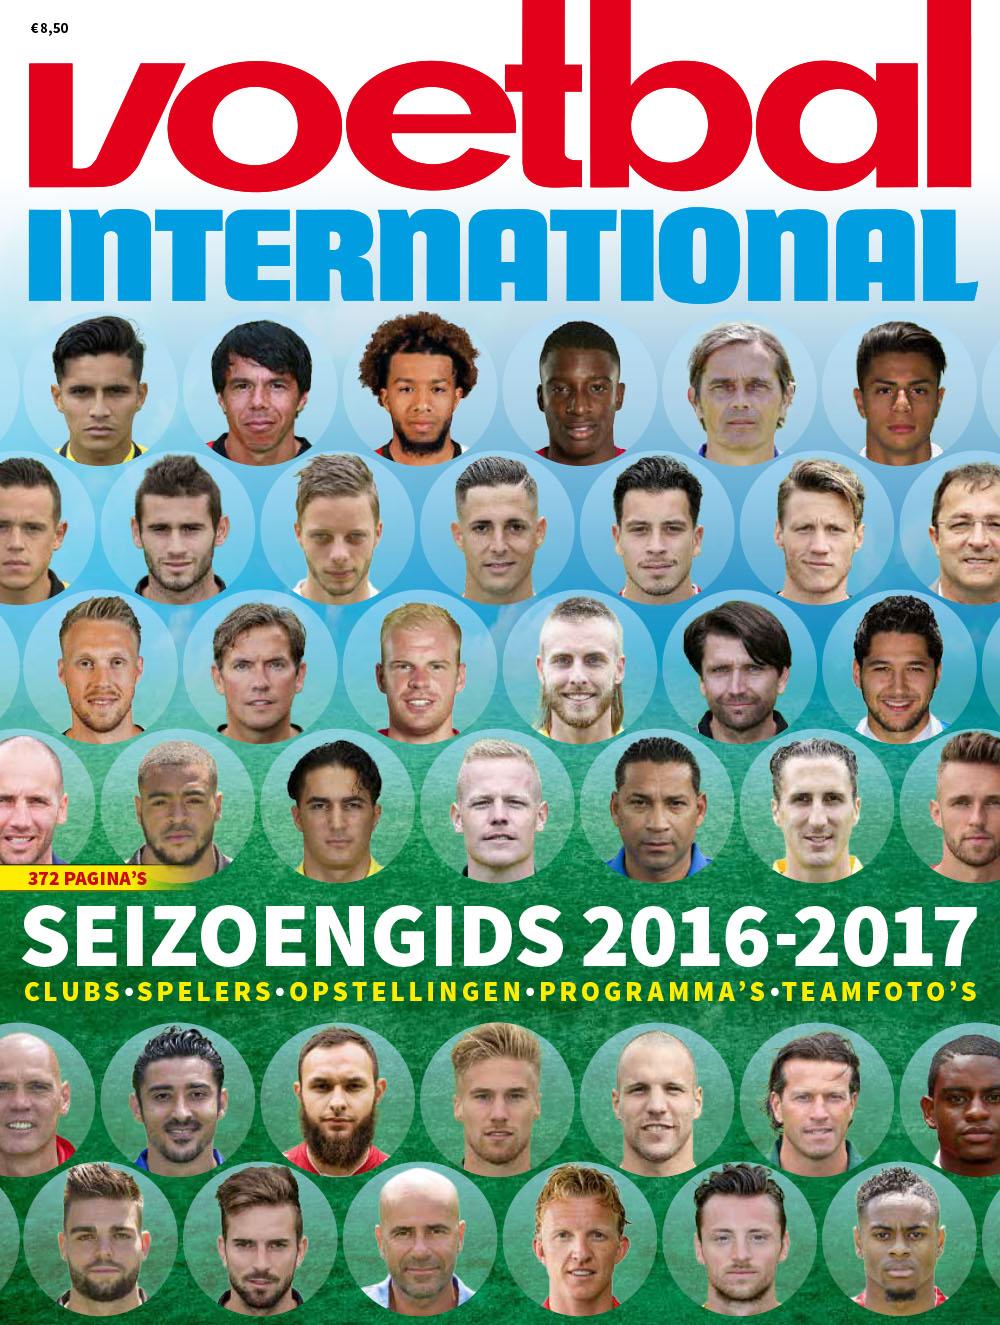 Cover VI seizoengids 2016-2017